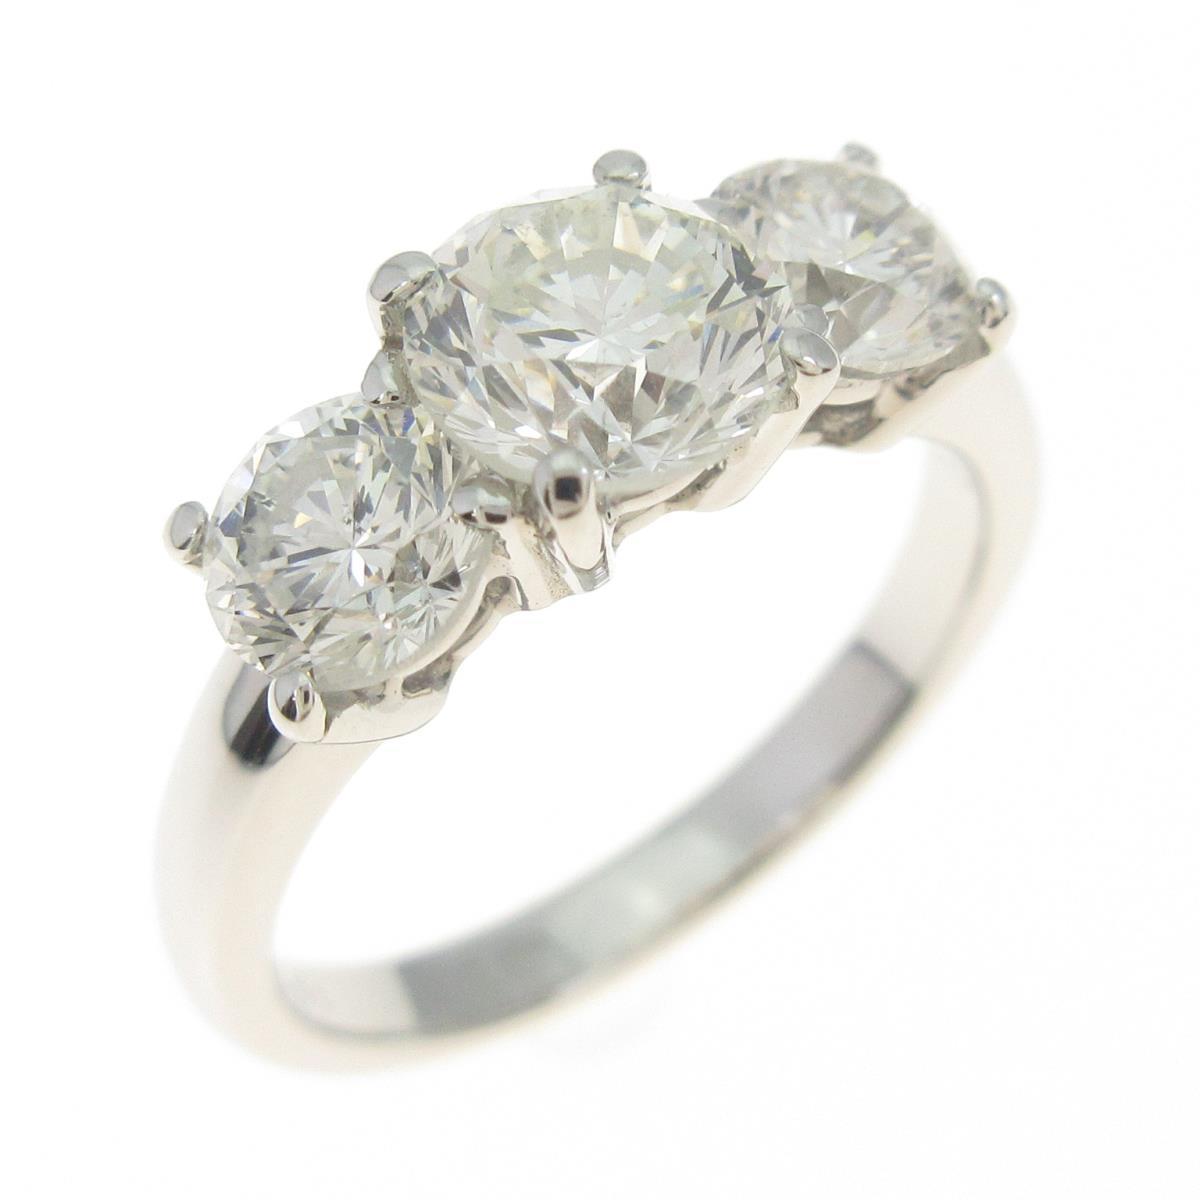 プラチナダイヤモンドリング 1.039ct・H-J・SI1-2・G-F【中古】